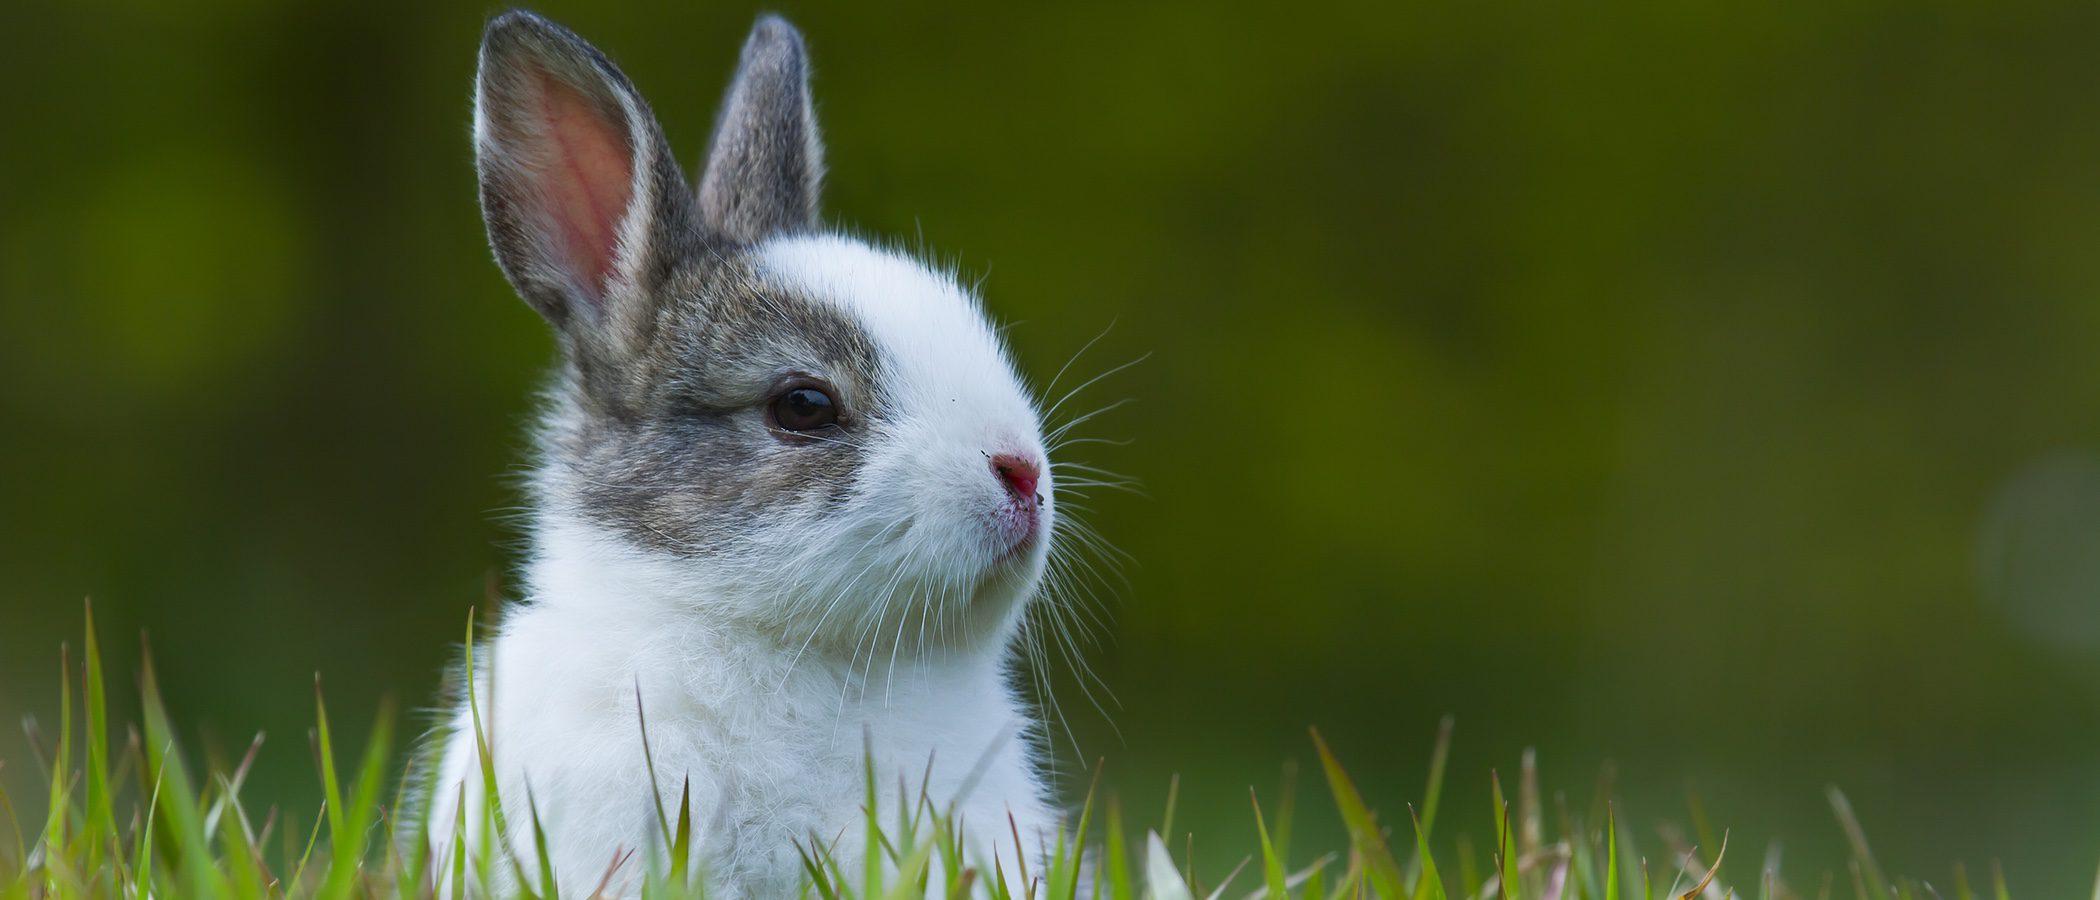 Cómo evitar que mi conejo padezca estrés